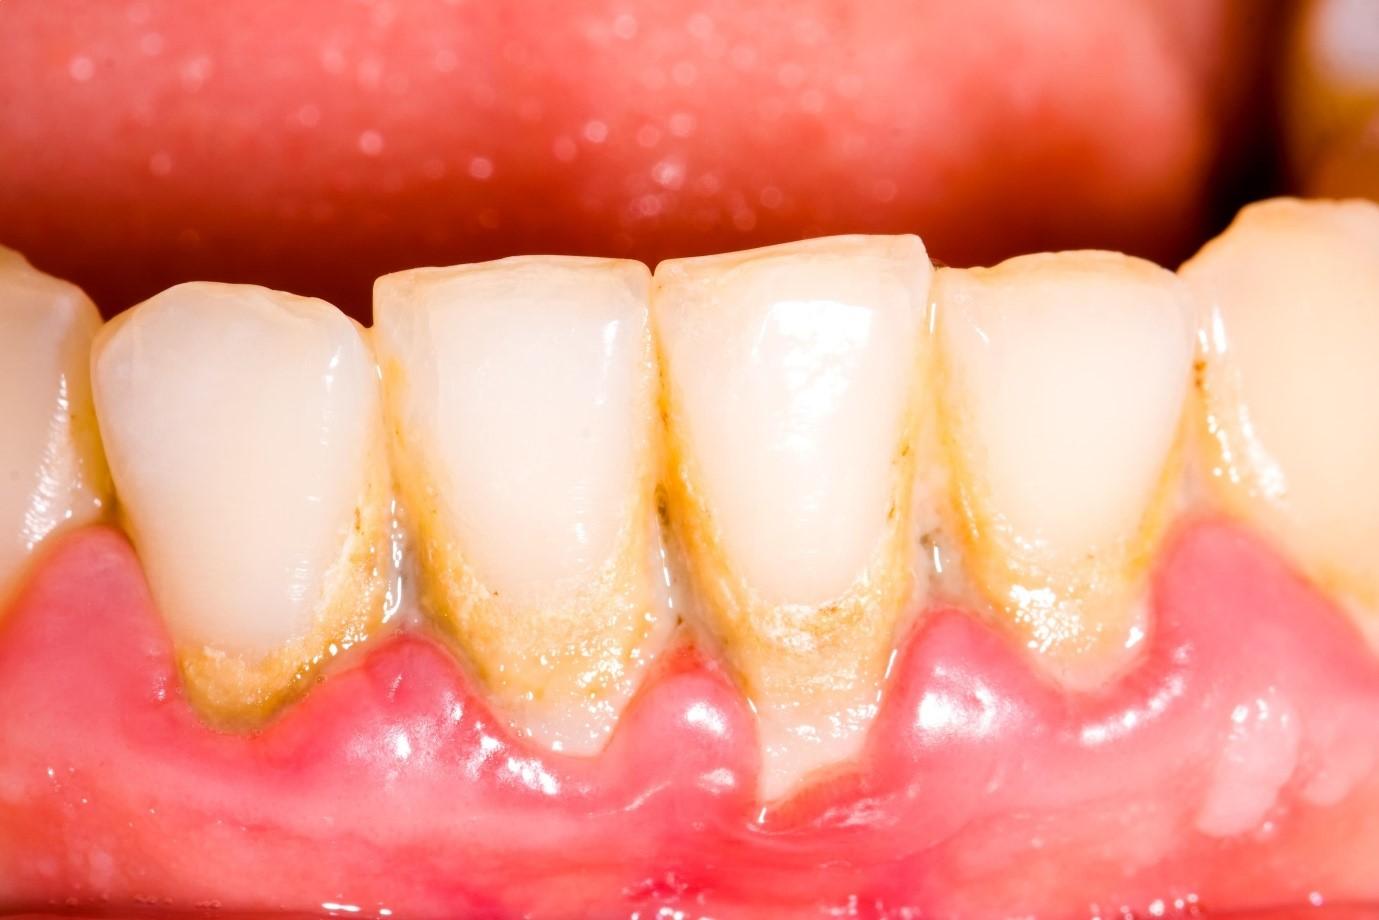 Lấy cao răng có đau không và ê buốt bao lâu thời gian?